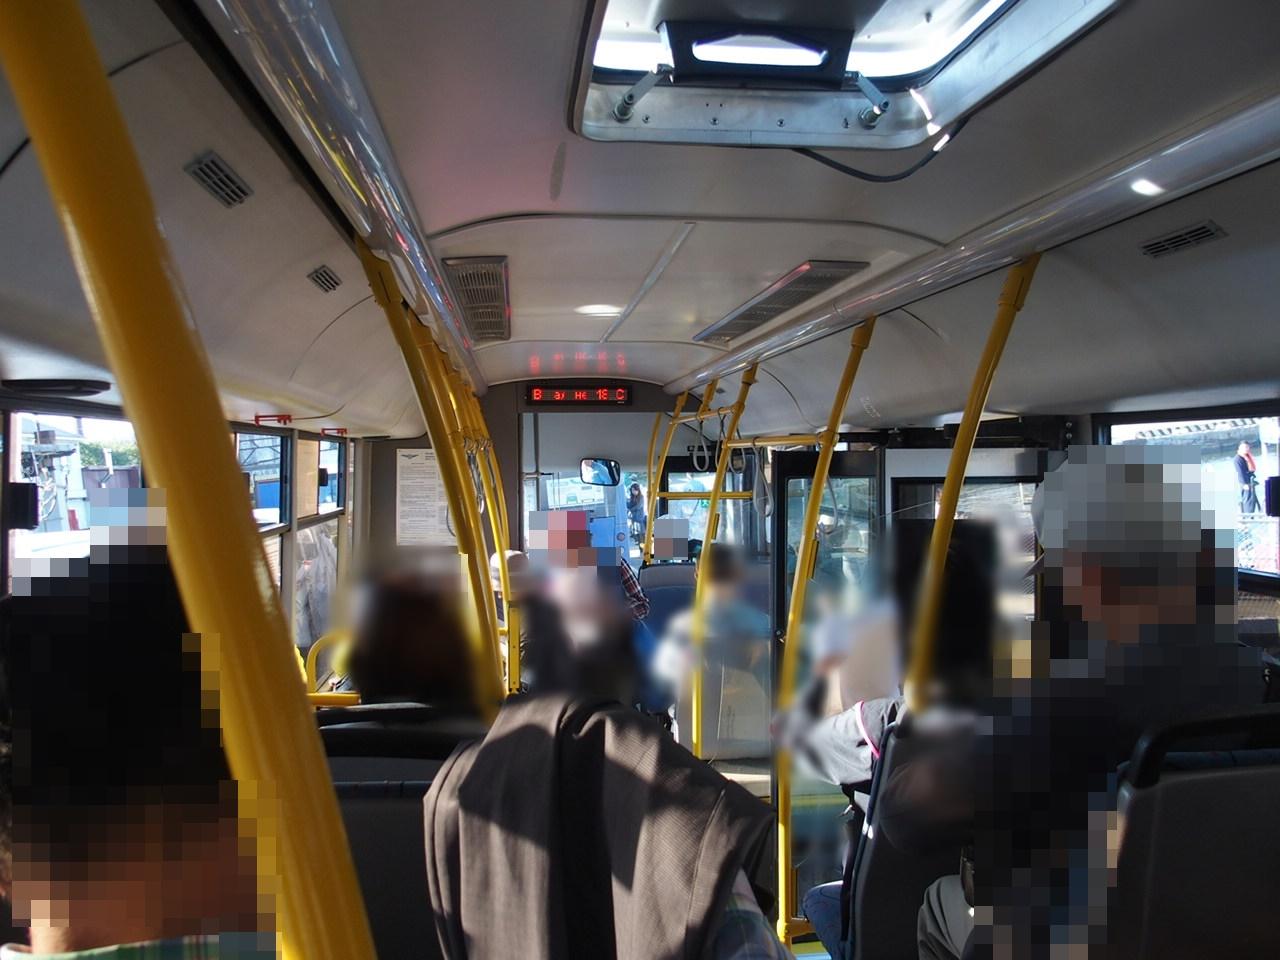 ダイヤモンドプリンセスで寄港したコルサコフの現地ツアーのバス